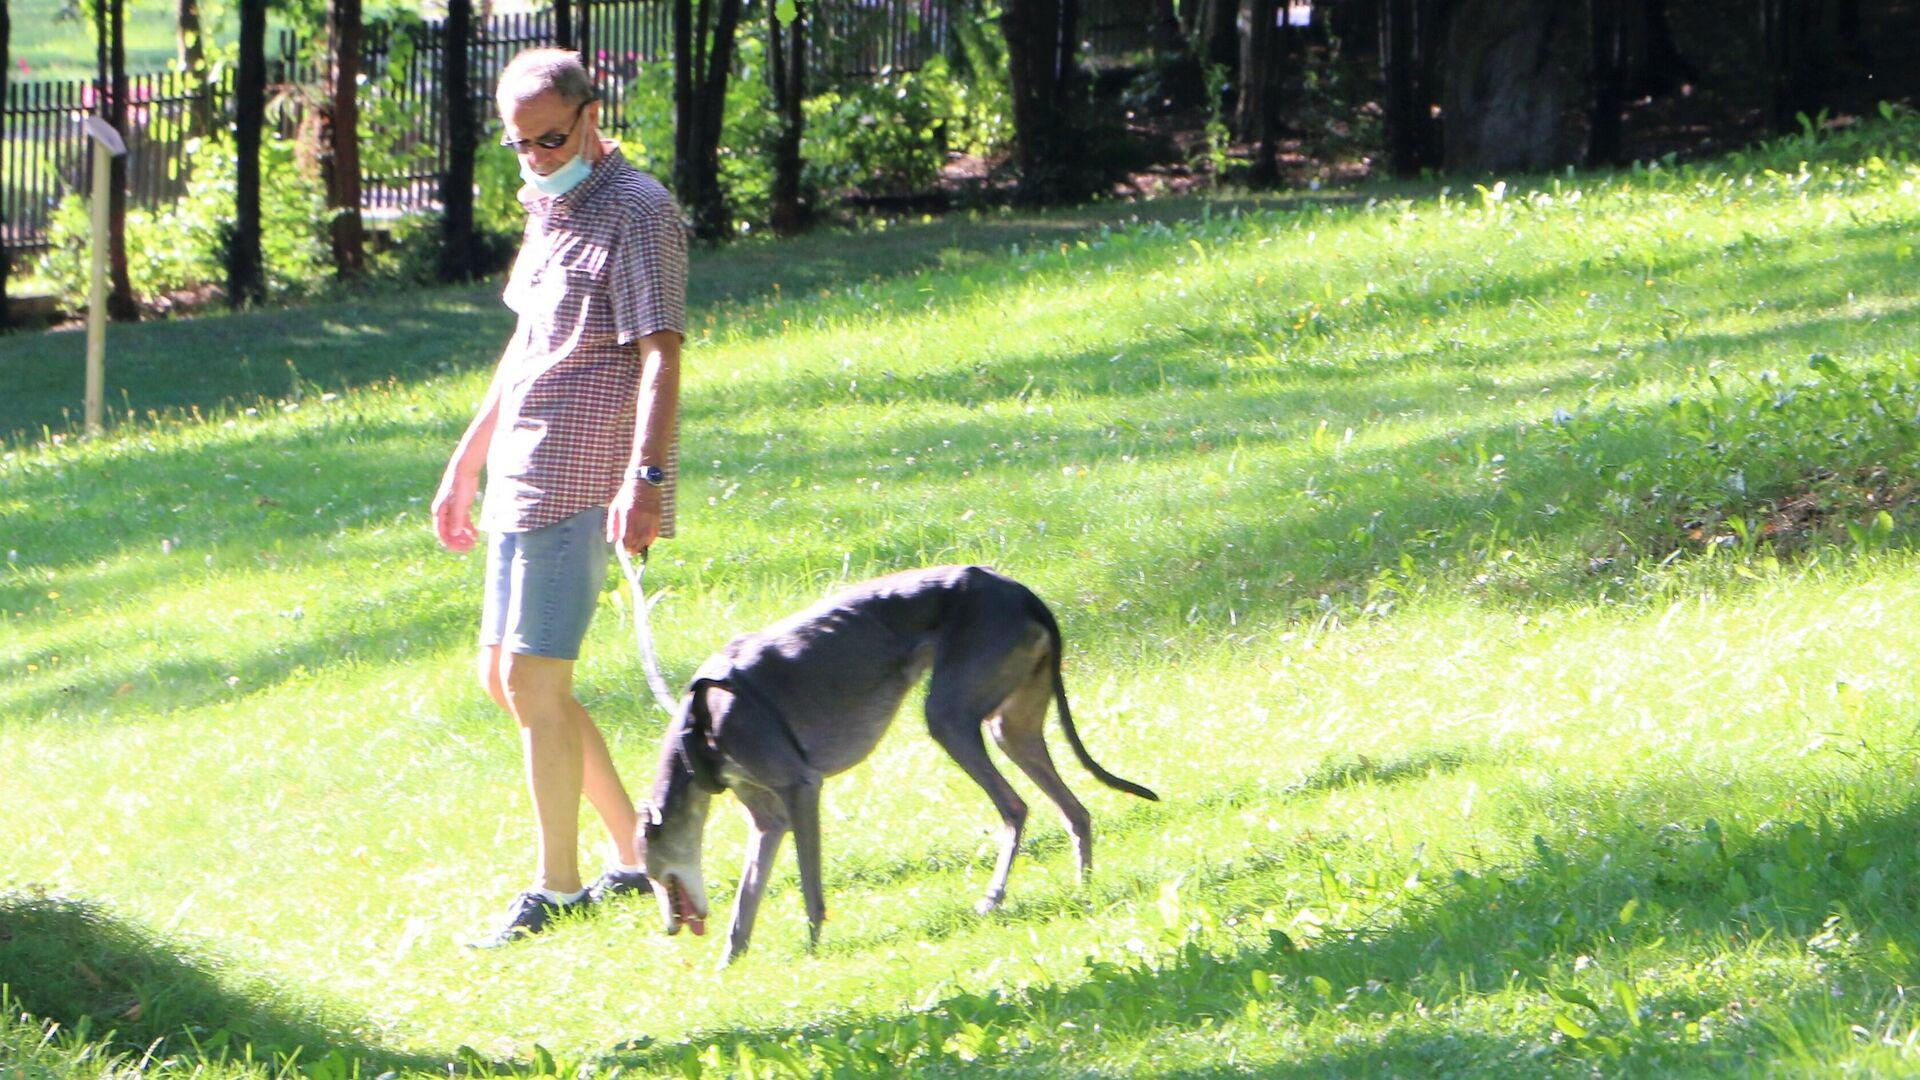 Un cane con un padrone fanno un giro in un parco in Italia - Sputnik Italia, 1920, 05.09.2021